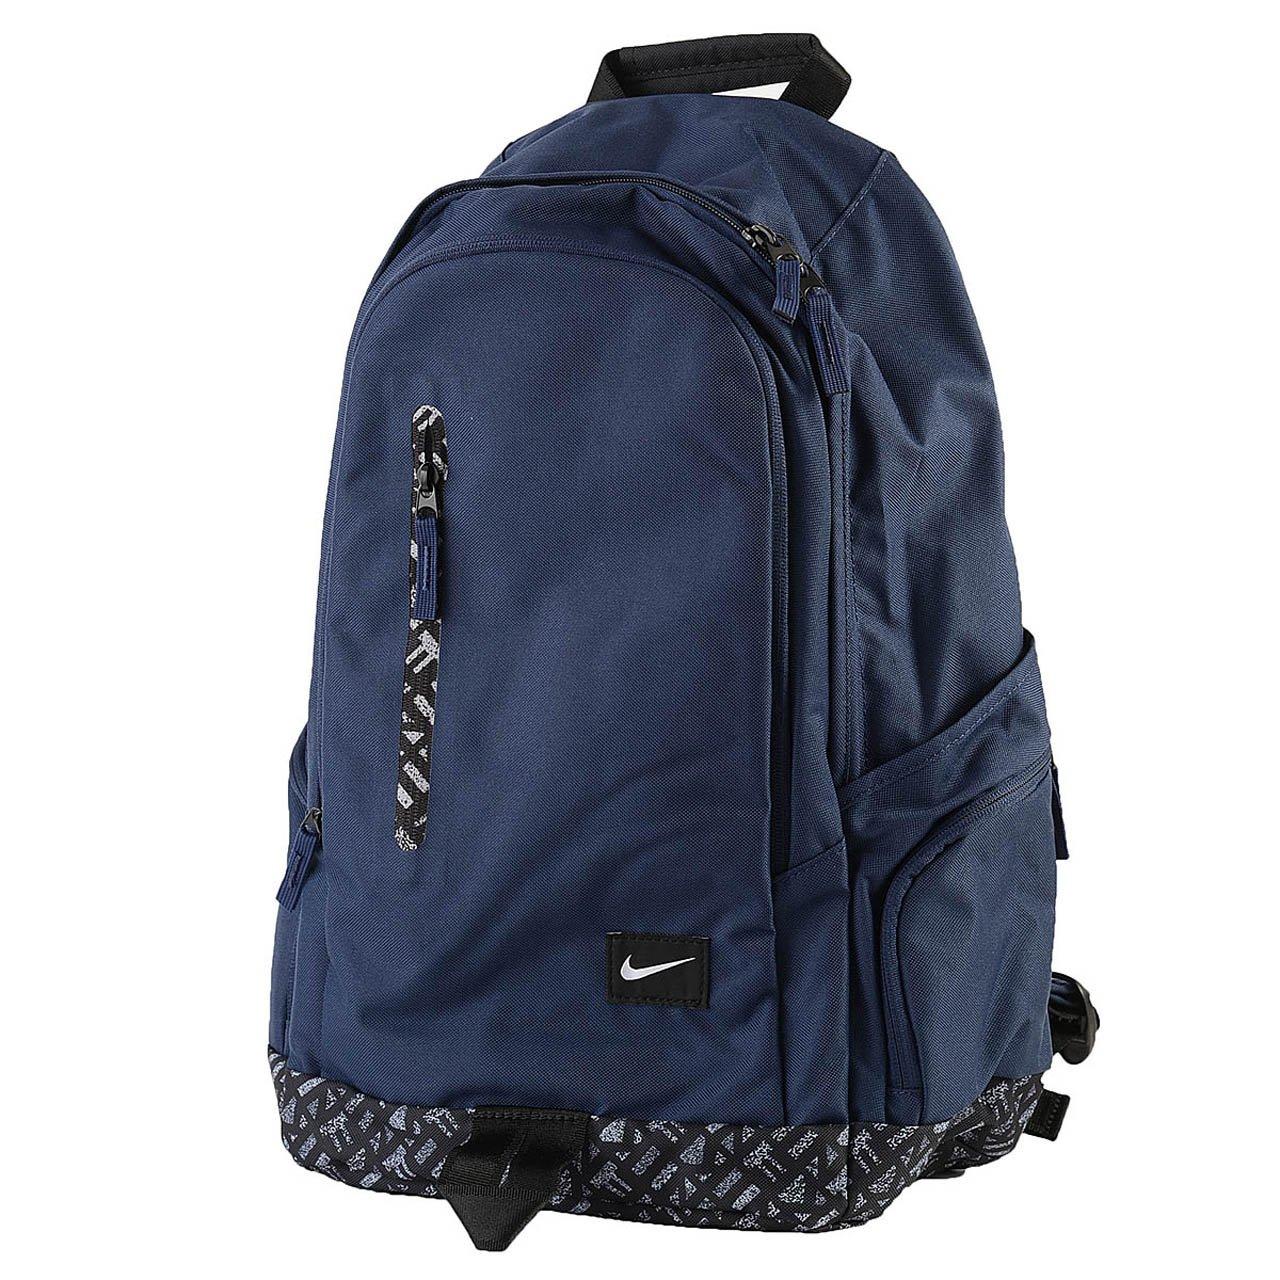 Nike All Access Fullfare - Mochila para hombre, color azul marino/negro/blanco, talla única